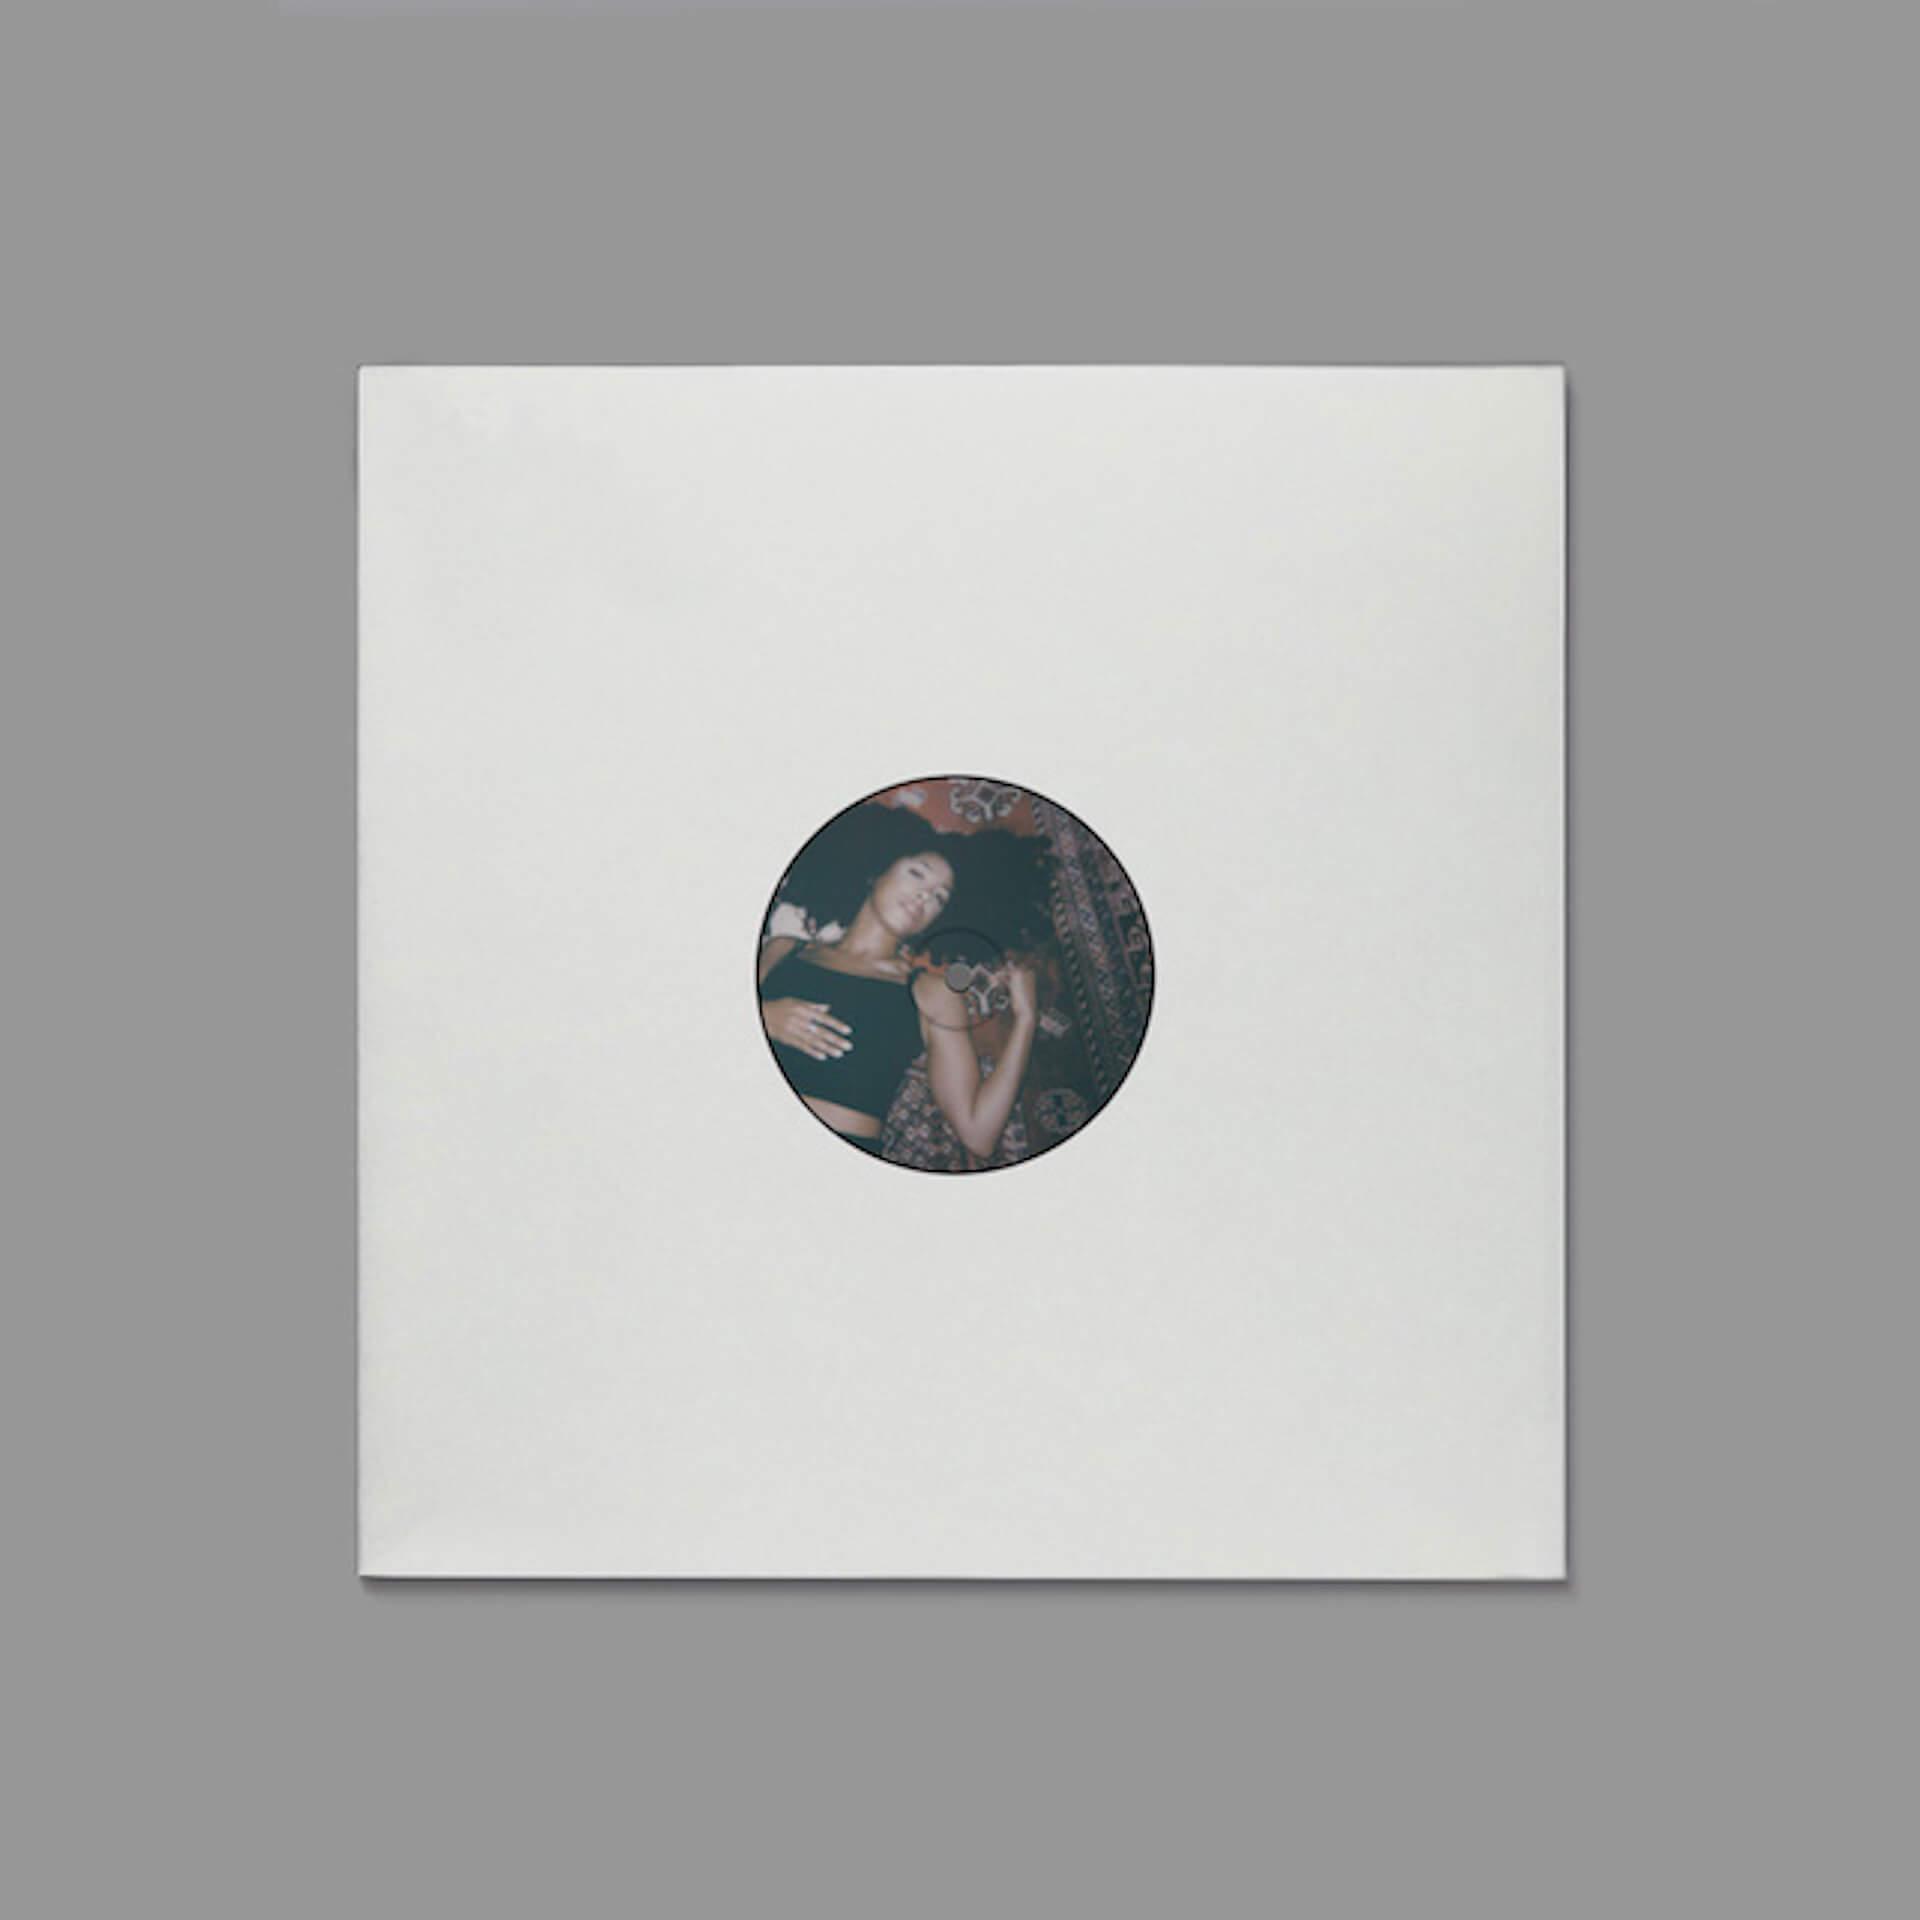 """Jayda Gが自身のDJセットで初披露した新曲""""Both Of Us""""をリリース 最新EP『Both Of Us / Are U Down』も発売決定 music200527_jaydag_3"""